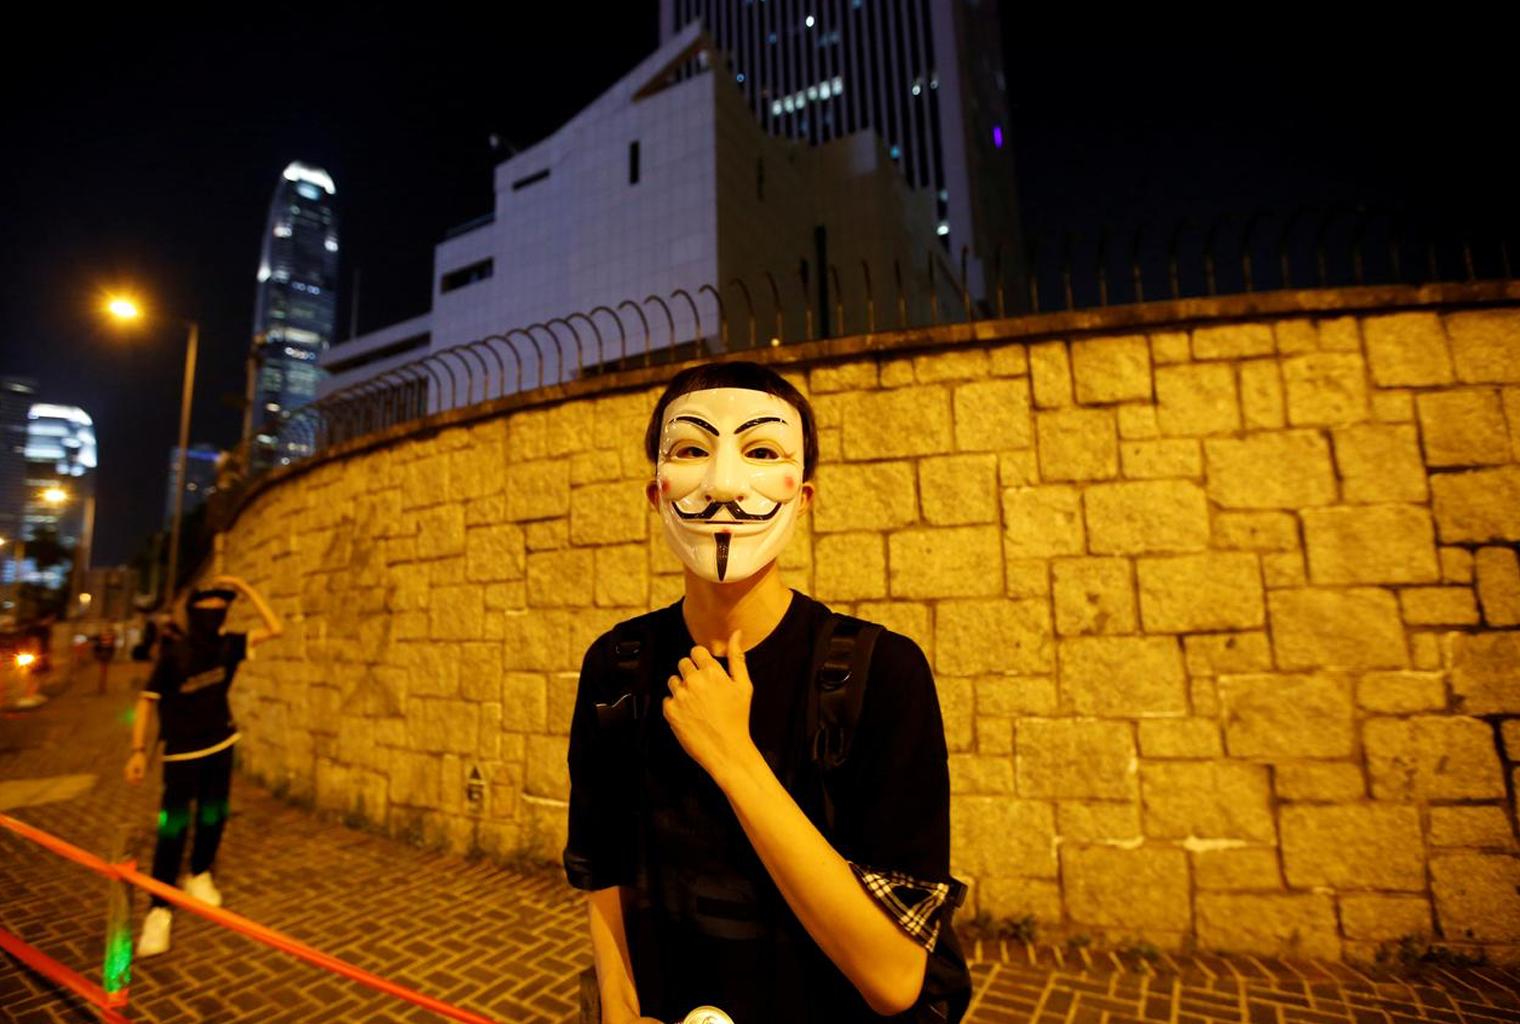 Los manifestantes manejan herramientas de libertad mientras Hong Kong impone la dictadura